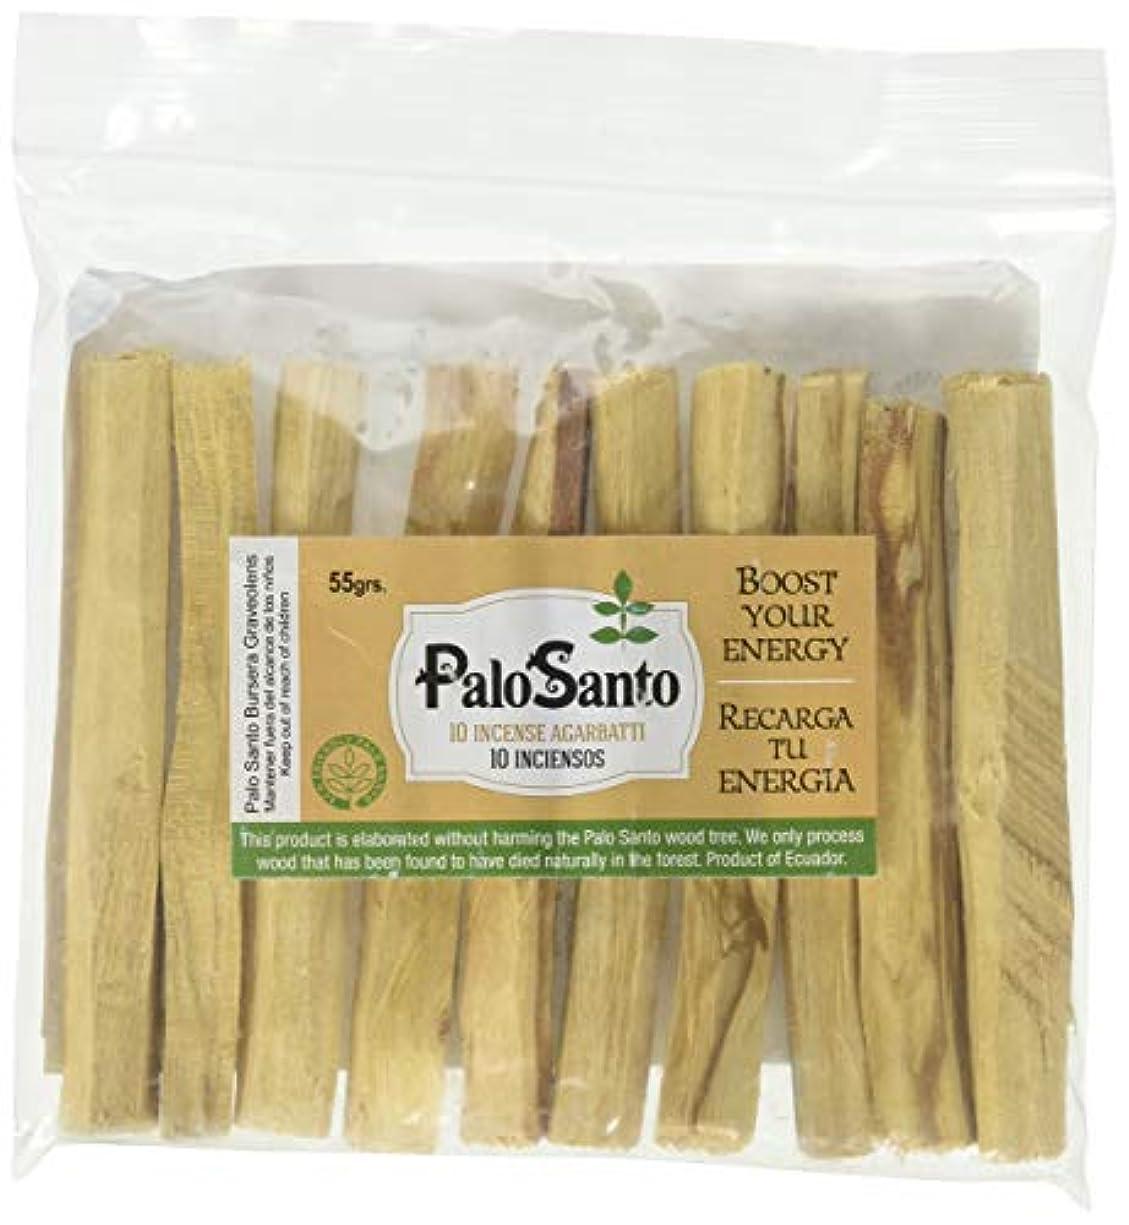 ドックハリケーン競合他社選手プレミアムAuthenticエクアドルkiln-dried Palo Santo ( Holy Wood ) Insence Sticks ( 10 )、野生の収穫、100 %自然のPurifying、クレンジング、ヒーリング...